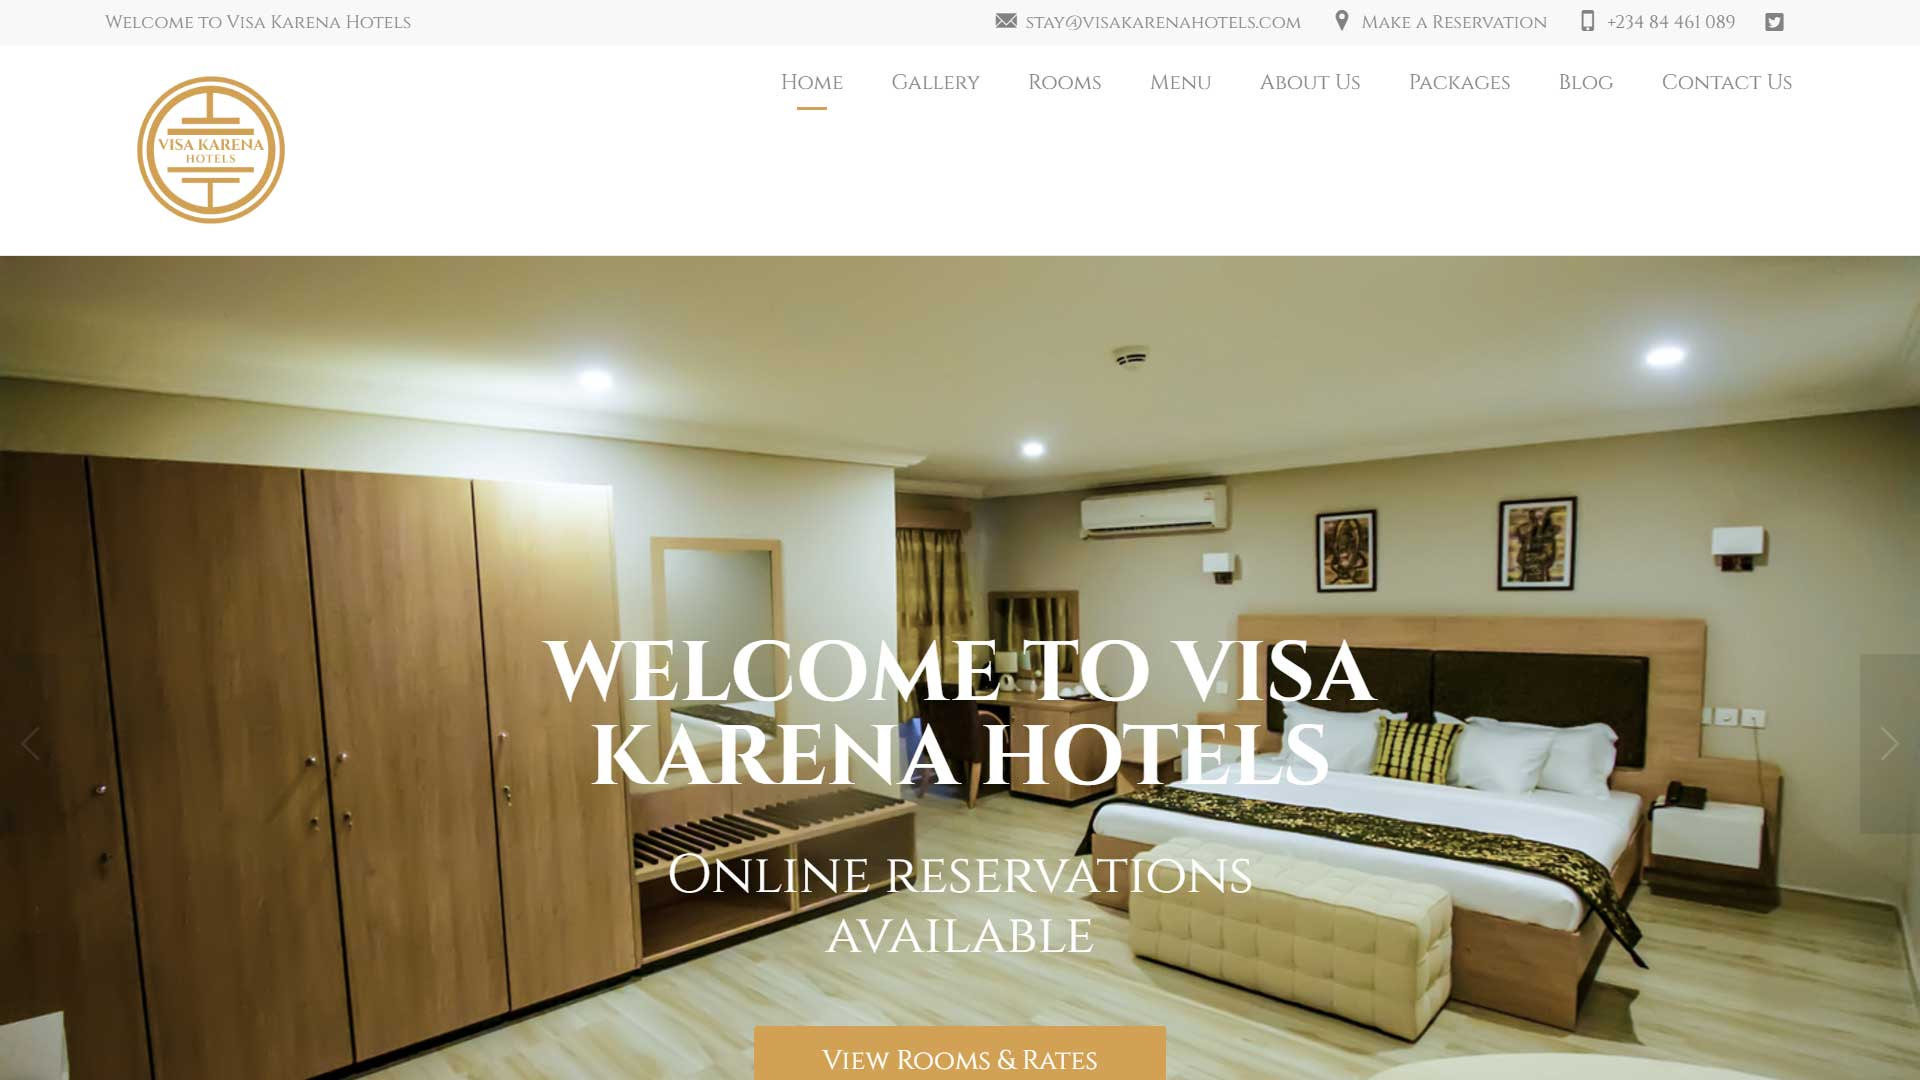 Visa Karena Hotels